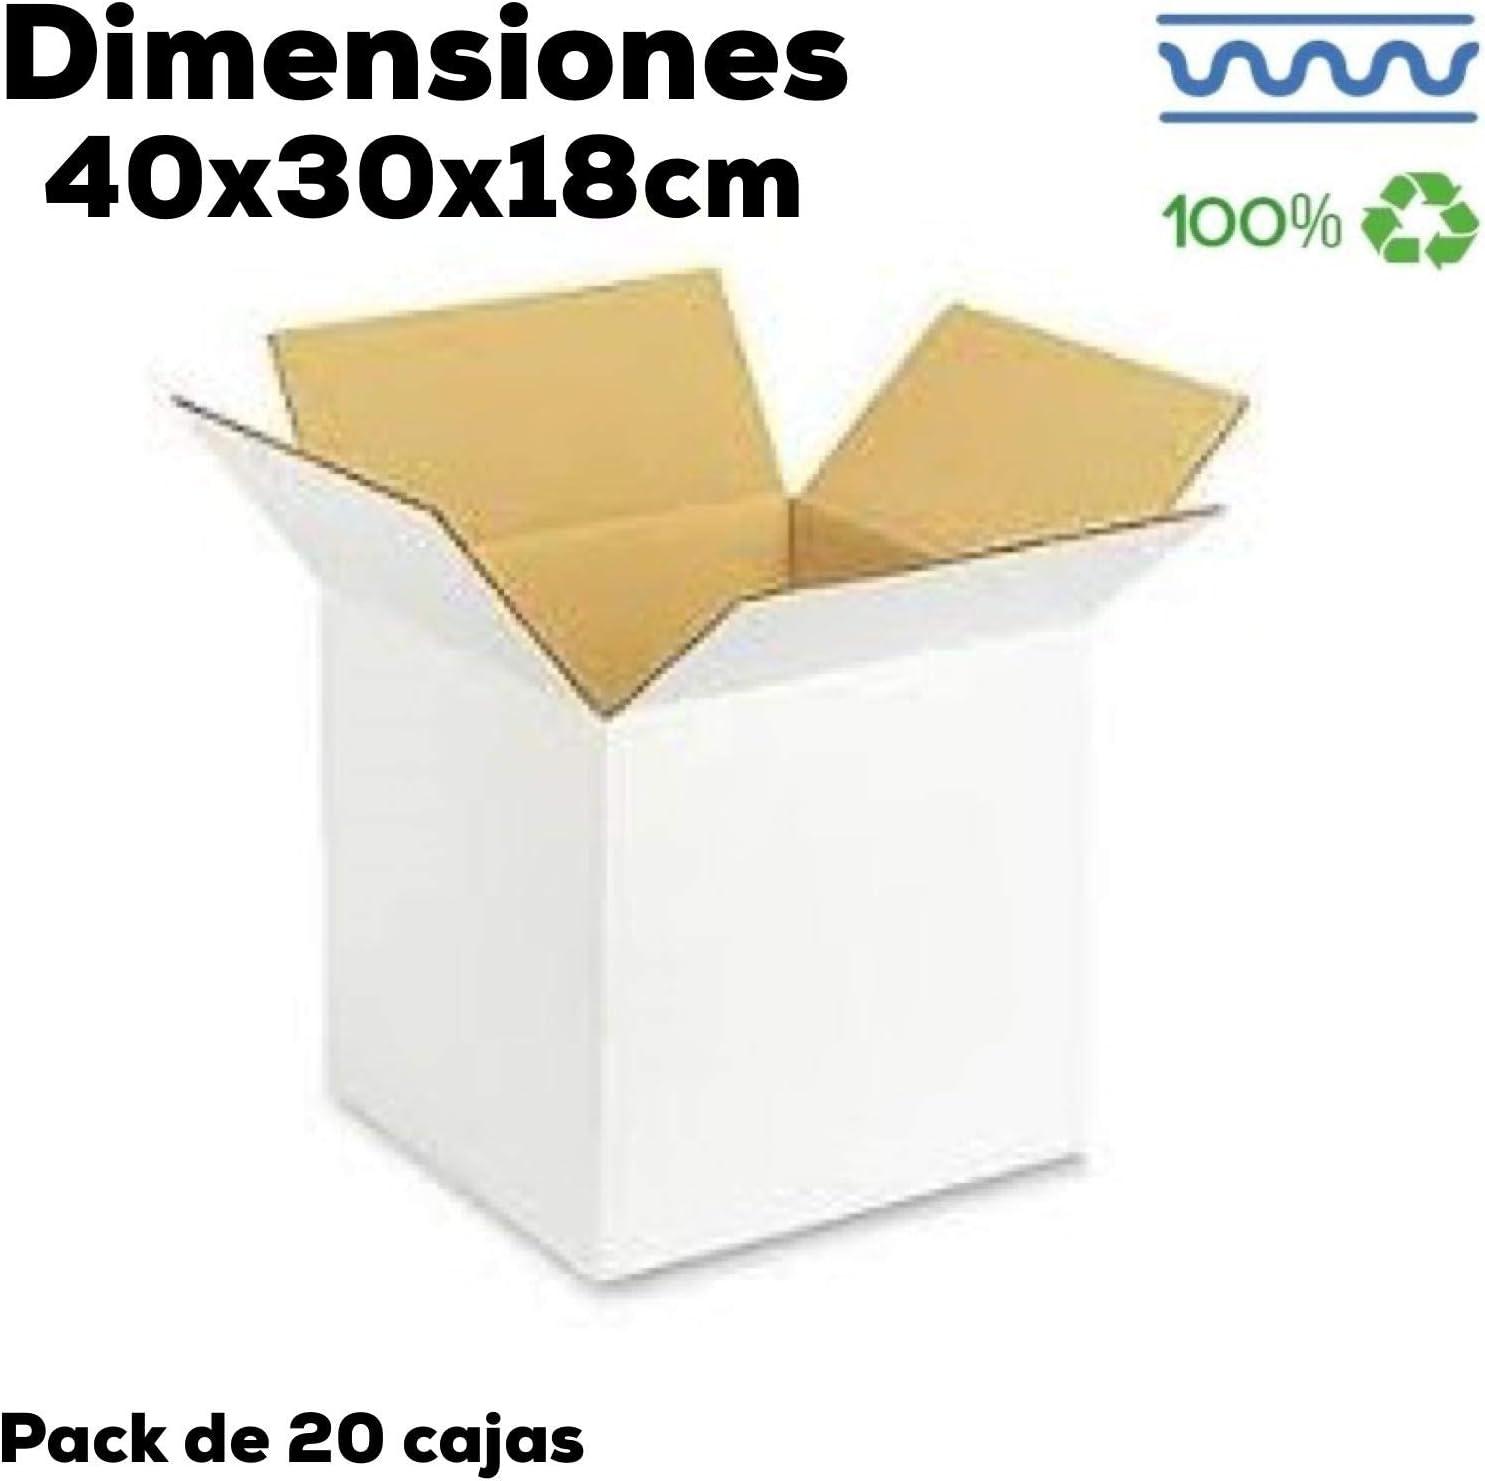 Cajas de Cartón Grandes Mudanza y Almacenaje. Distintos tamaños. Fabricadas en España. (10 40x30x18): Amazon.es: Oficina y papelería